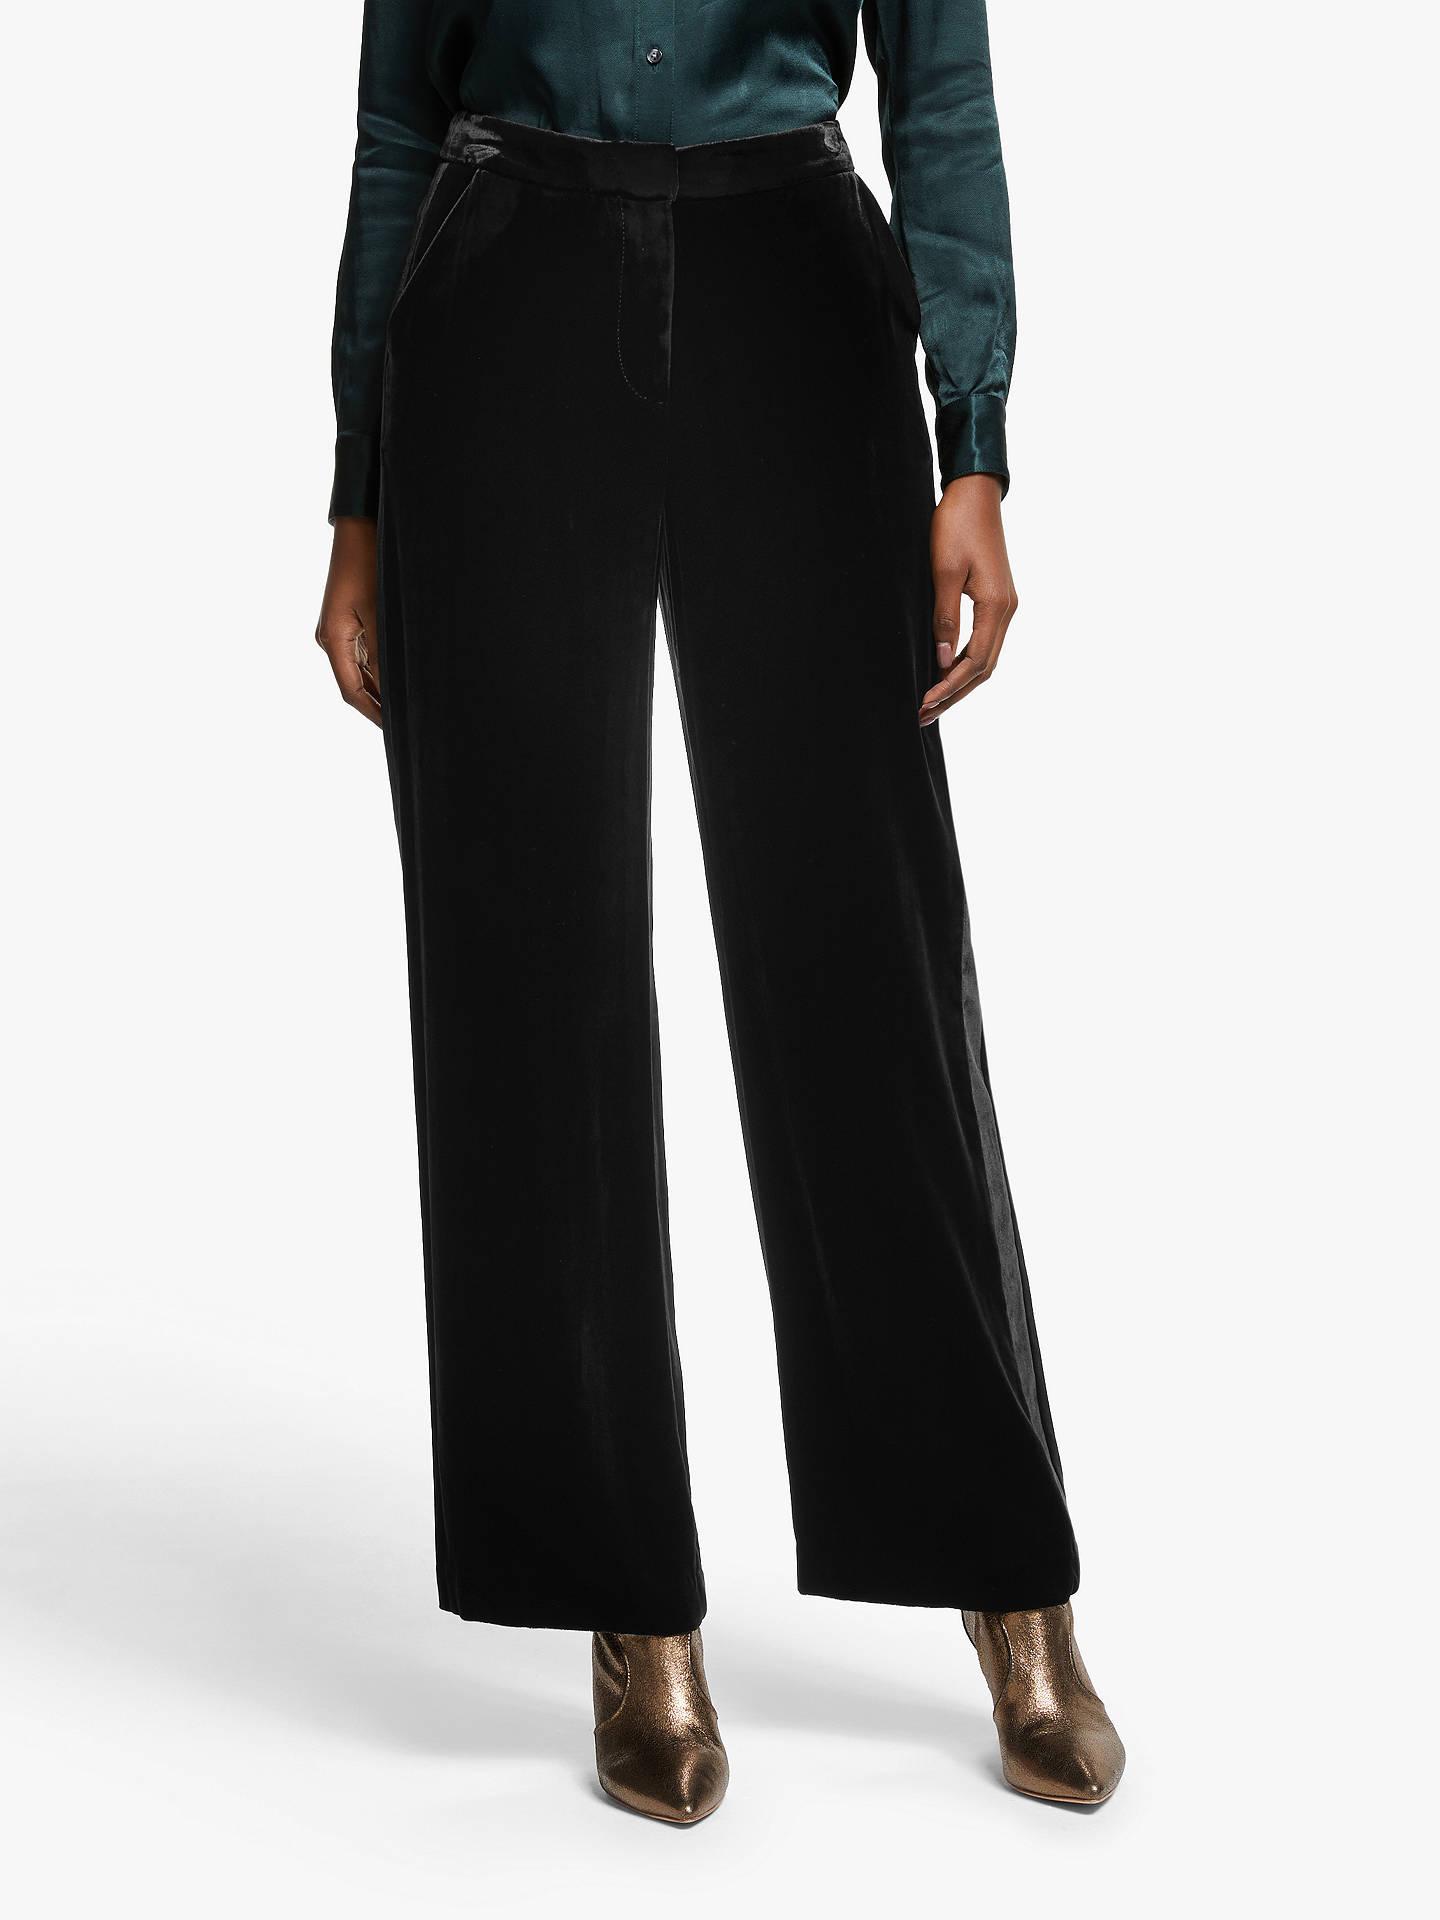 8fde38de745ae Buy Boden Selwood Velvet Straight Trousers, Black, 10 Online at  johnlewis.com ...